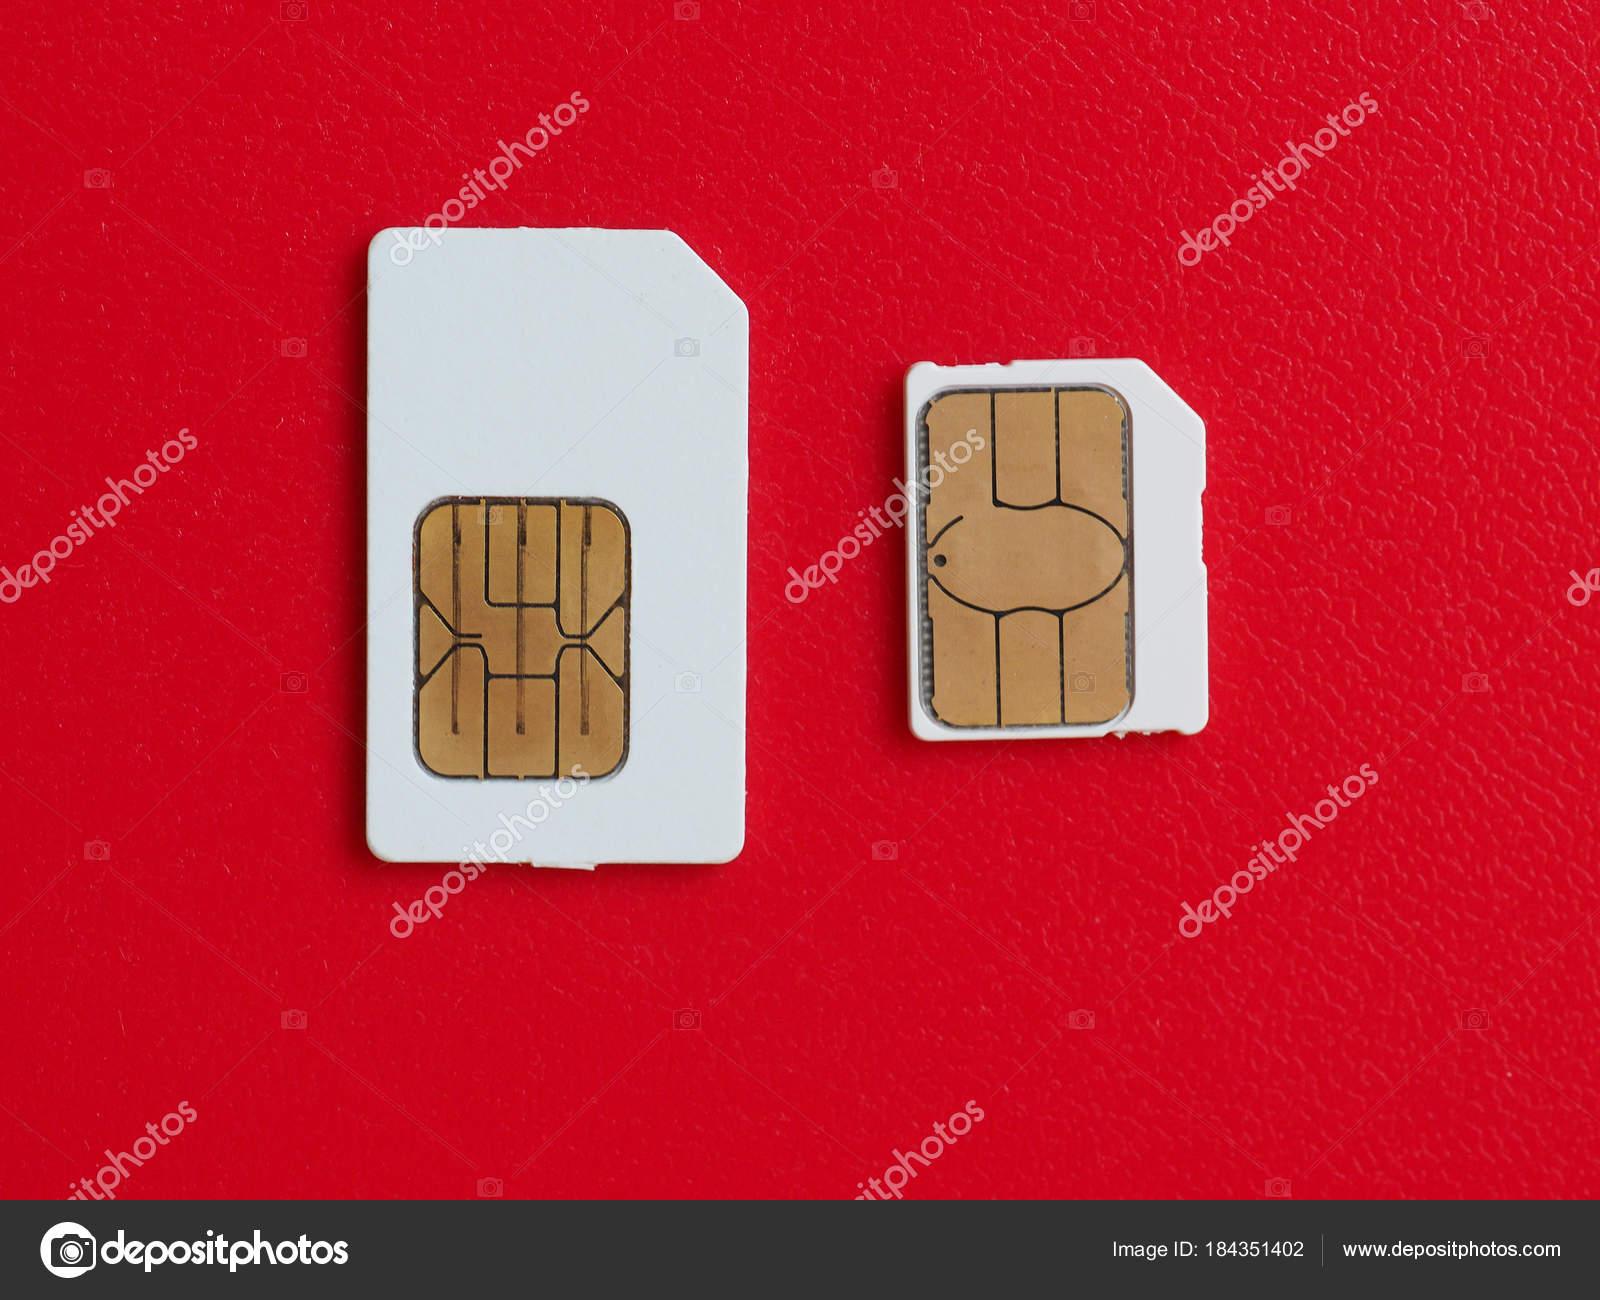 Karta Sim I Usim Uzywane W Telefonach Zdjecie Stockowe